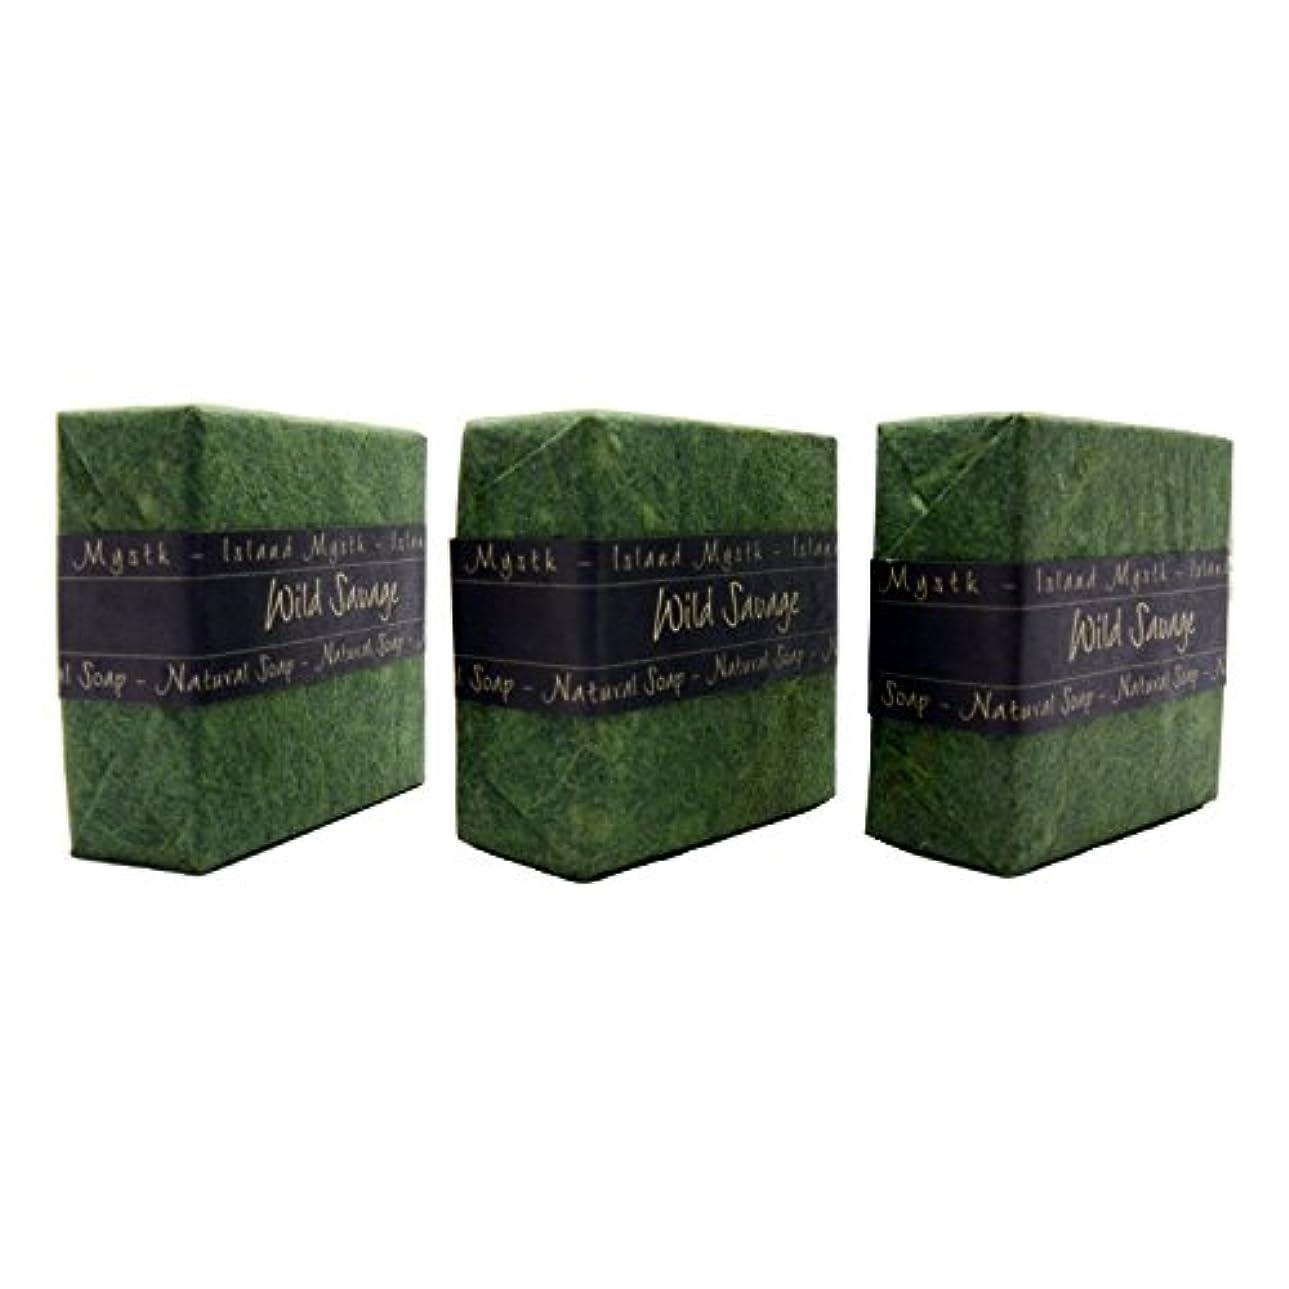 バレーボールハチつぼみアイランドミスティック ワイルドサーヴェージ 3個セット 115g×3 ココナッツ石鹸 バリ島 Island Mystk 天然素材100% 無添加 オーガニック